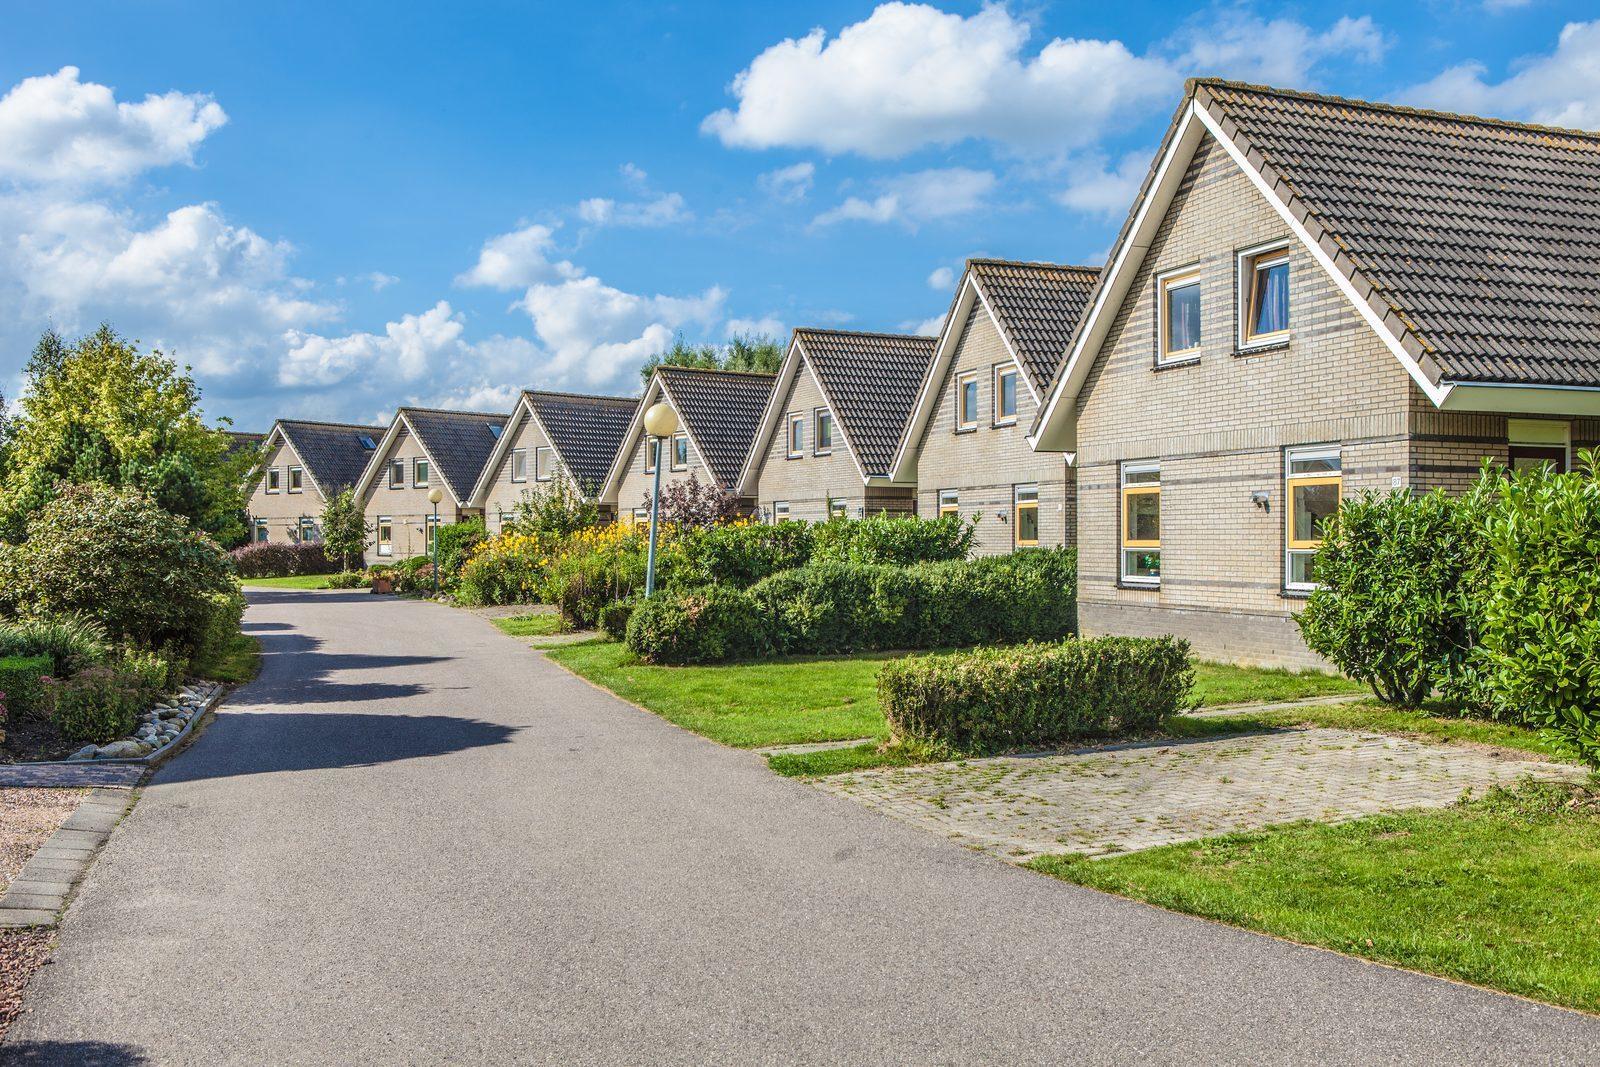 IJsselmeerstraat 93 Standaard